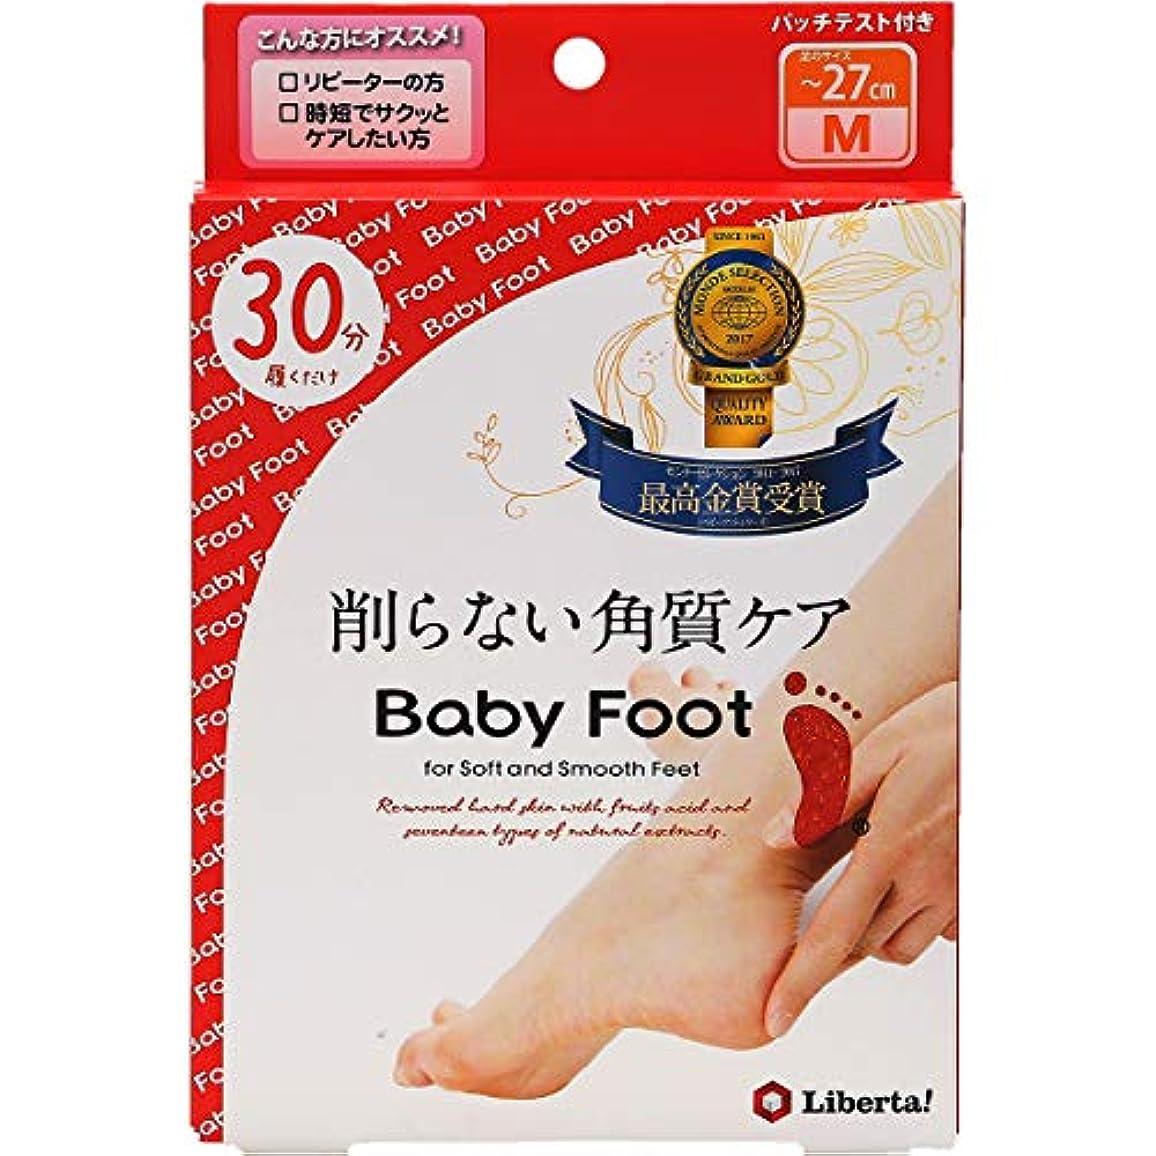 形状写真撮影ステートメントベビーフット (Baby Foot) ベビーフット イージーパック30分タイプ Mサイズ 単品